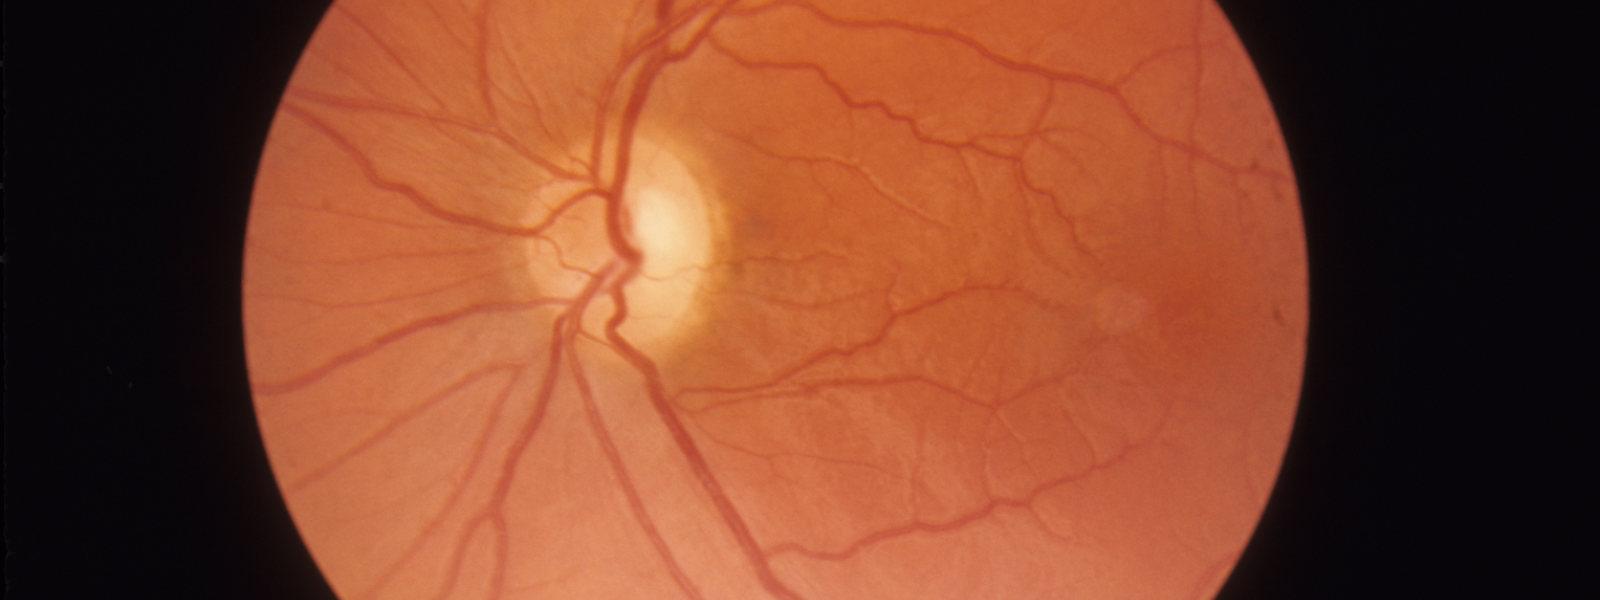 imagem técnica da retina de lhon